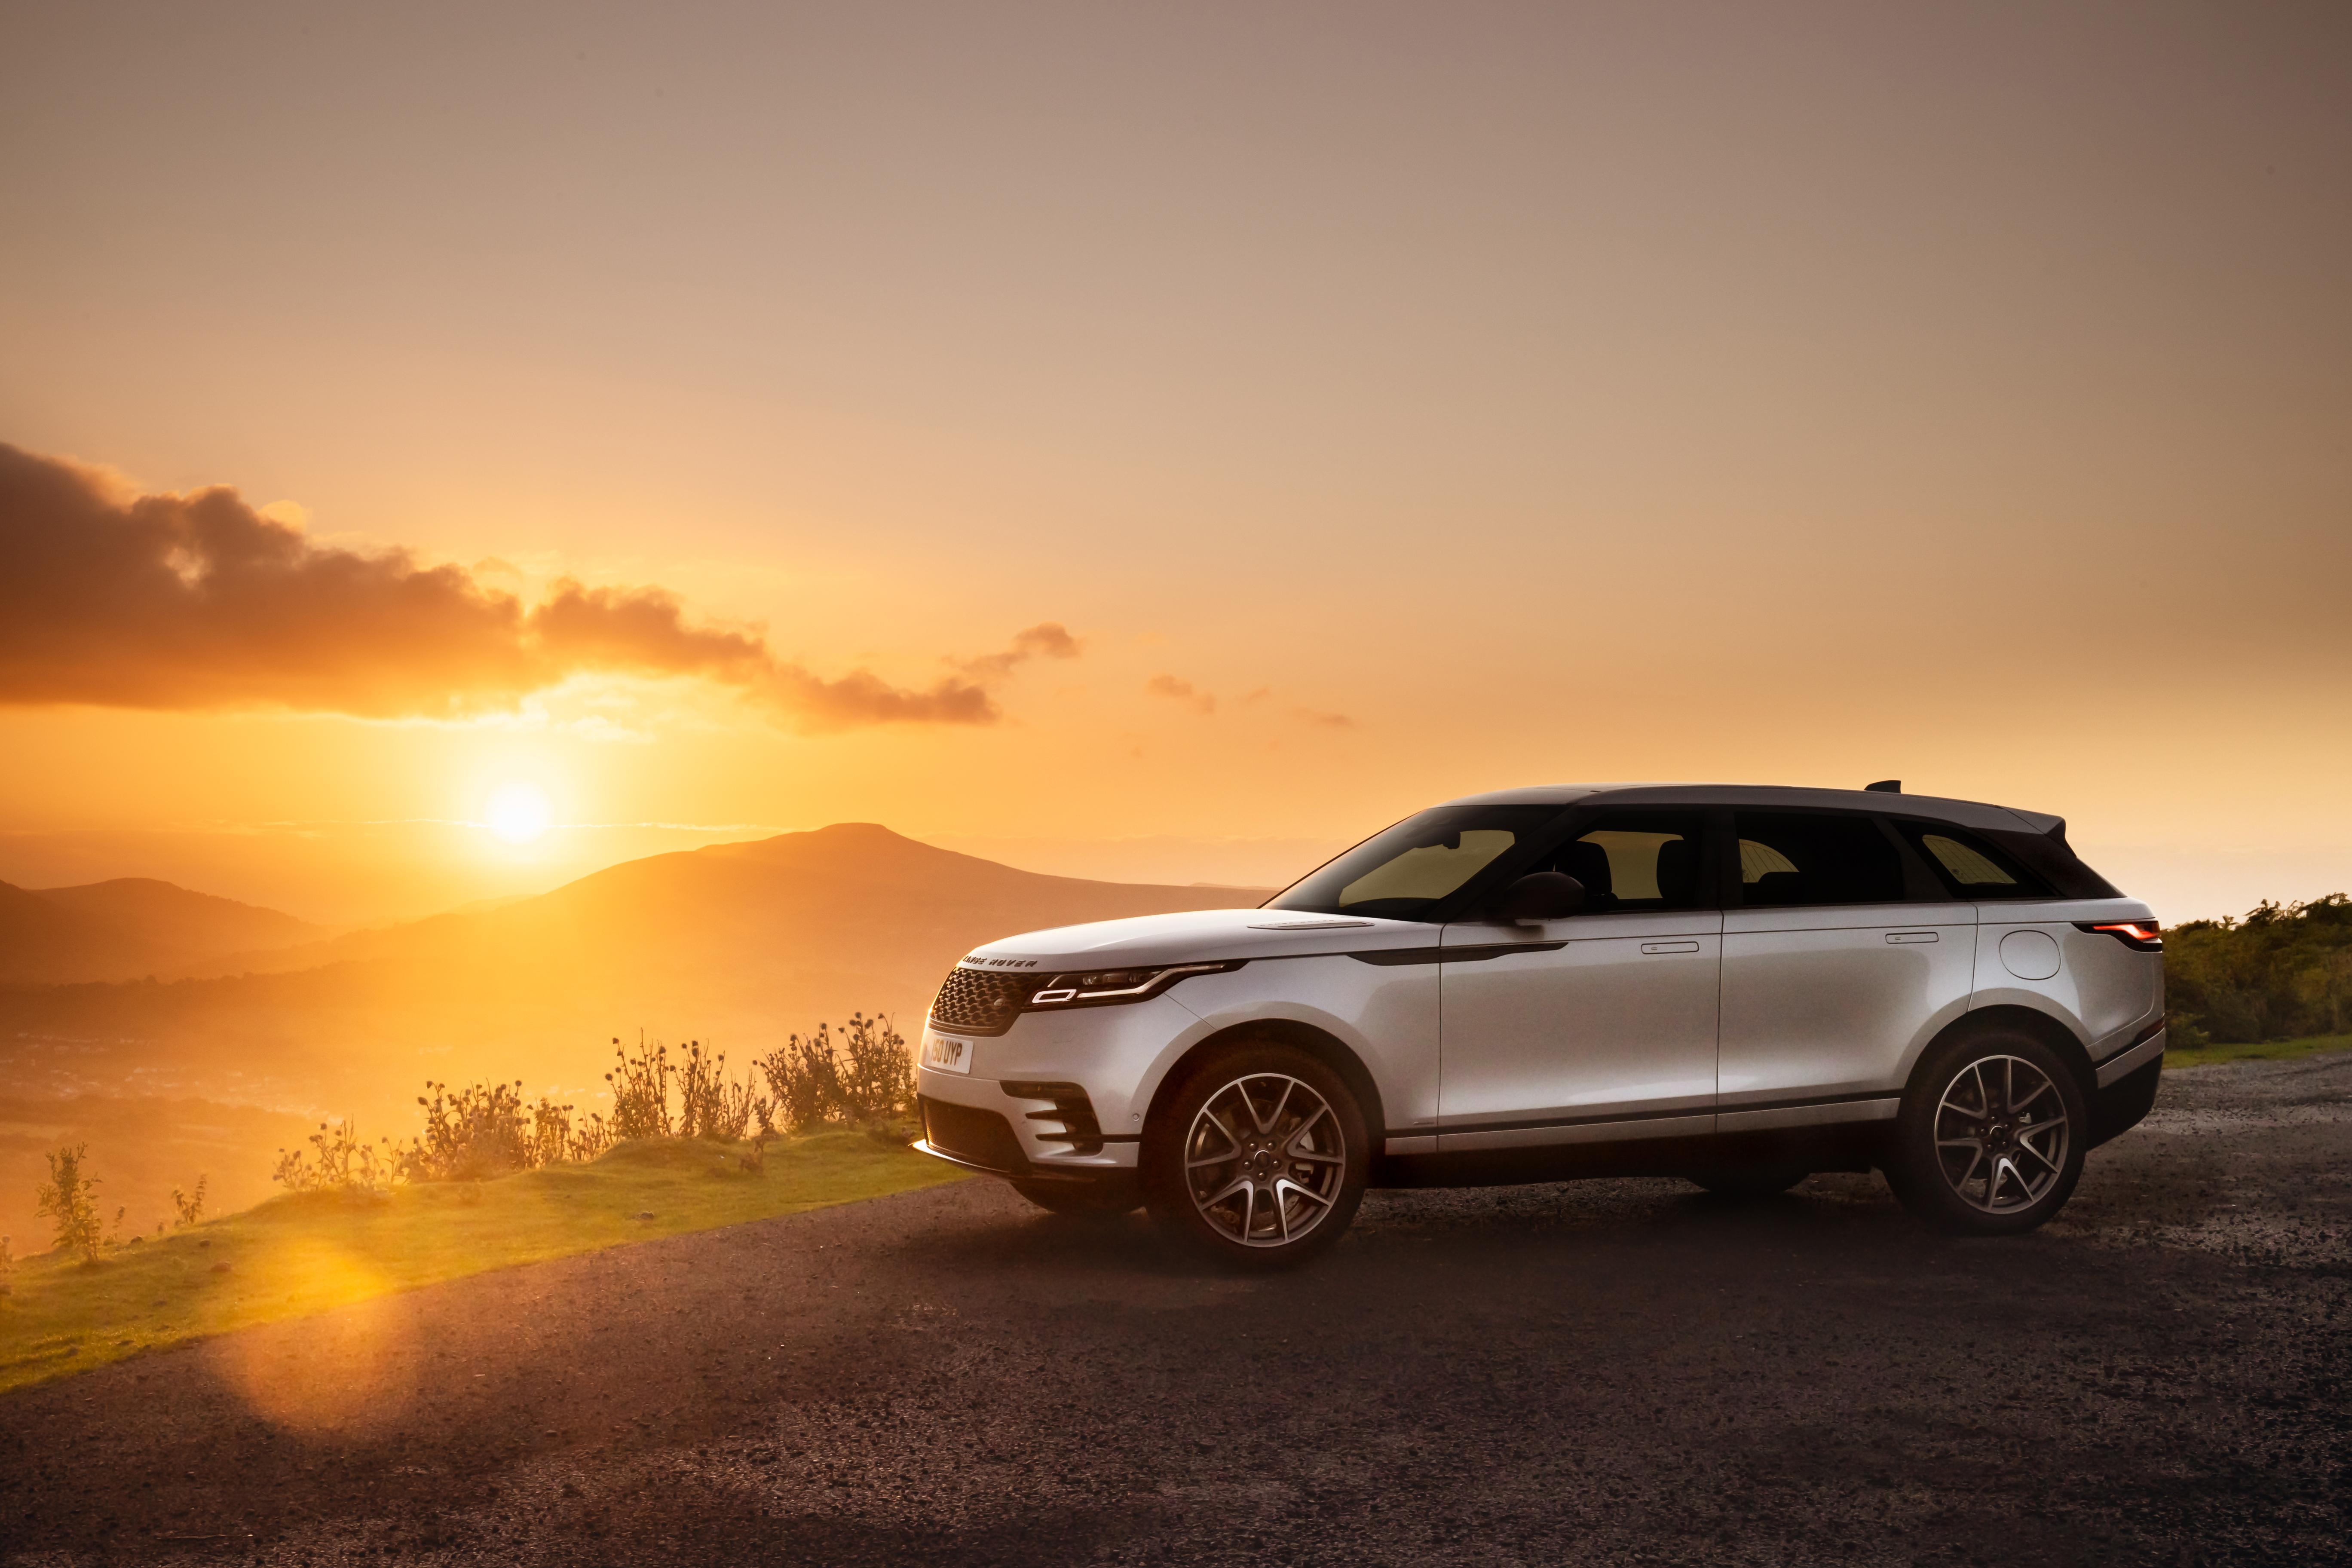 Range Rover Velar R Dynamic 4k Wallpaper Luxury Suv 2020 5k Cars 2817